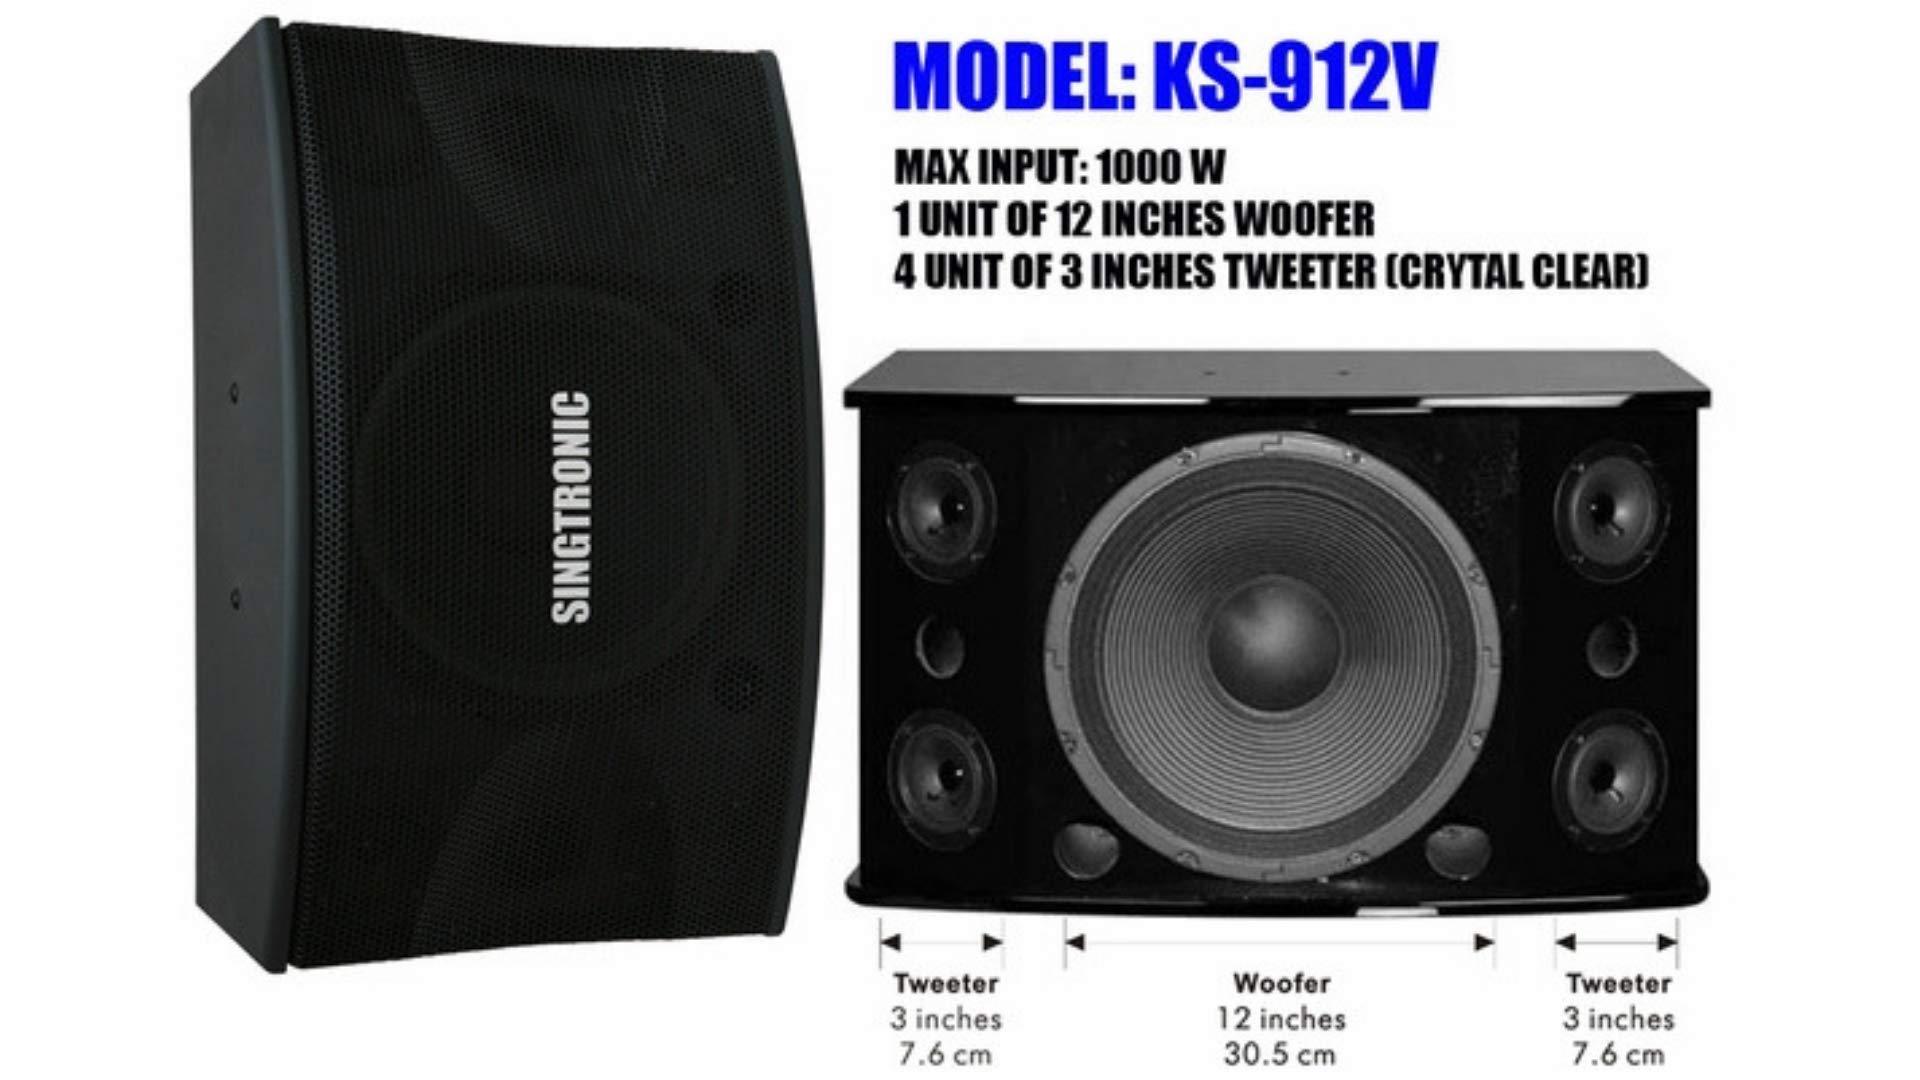 SINGTRONIC KS-912 Professional Vocalist 1000W Karaoke Speaker